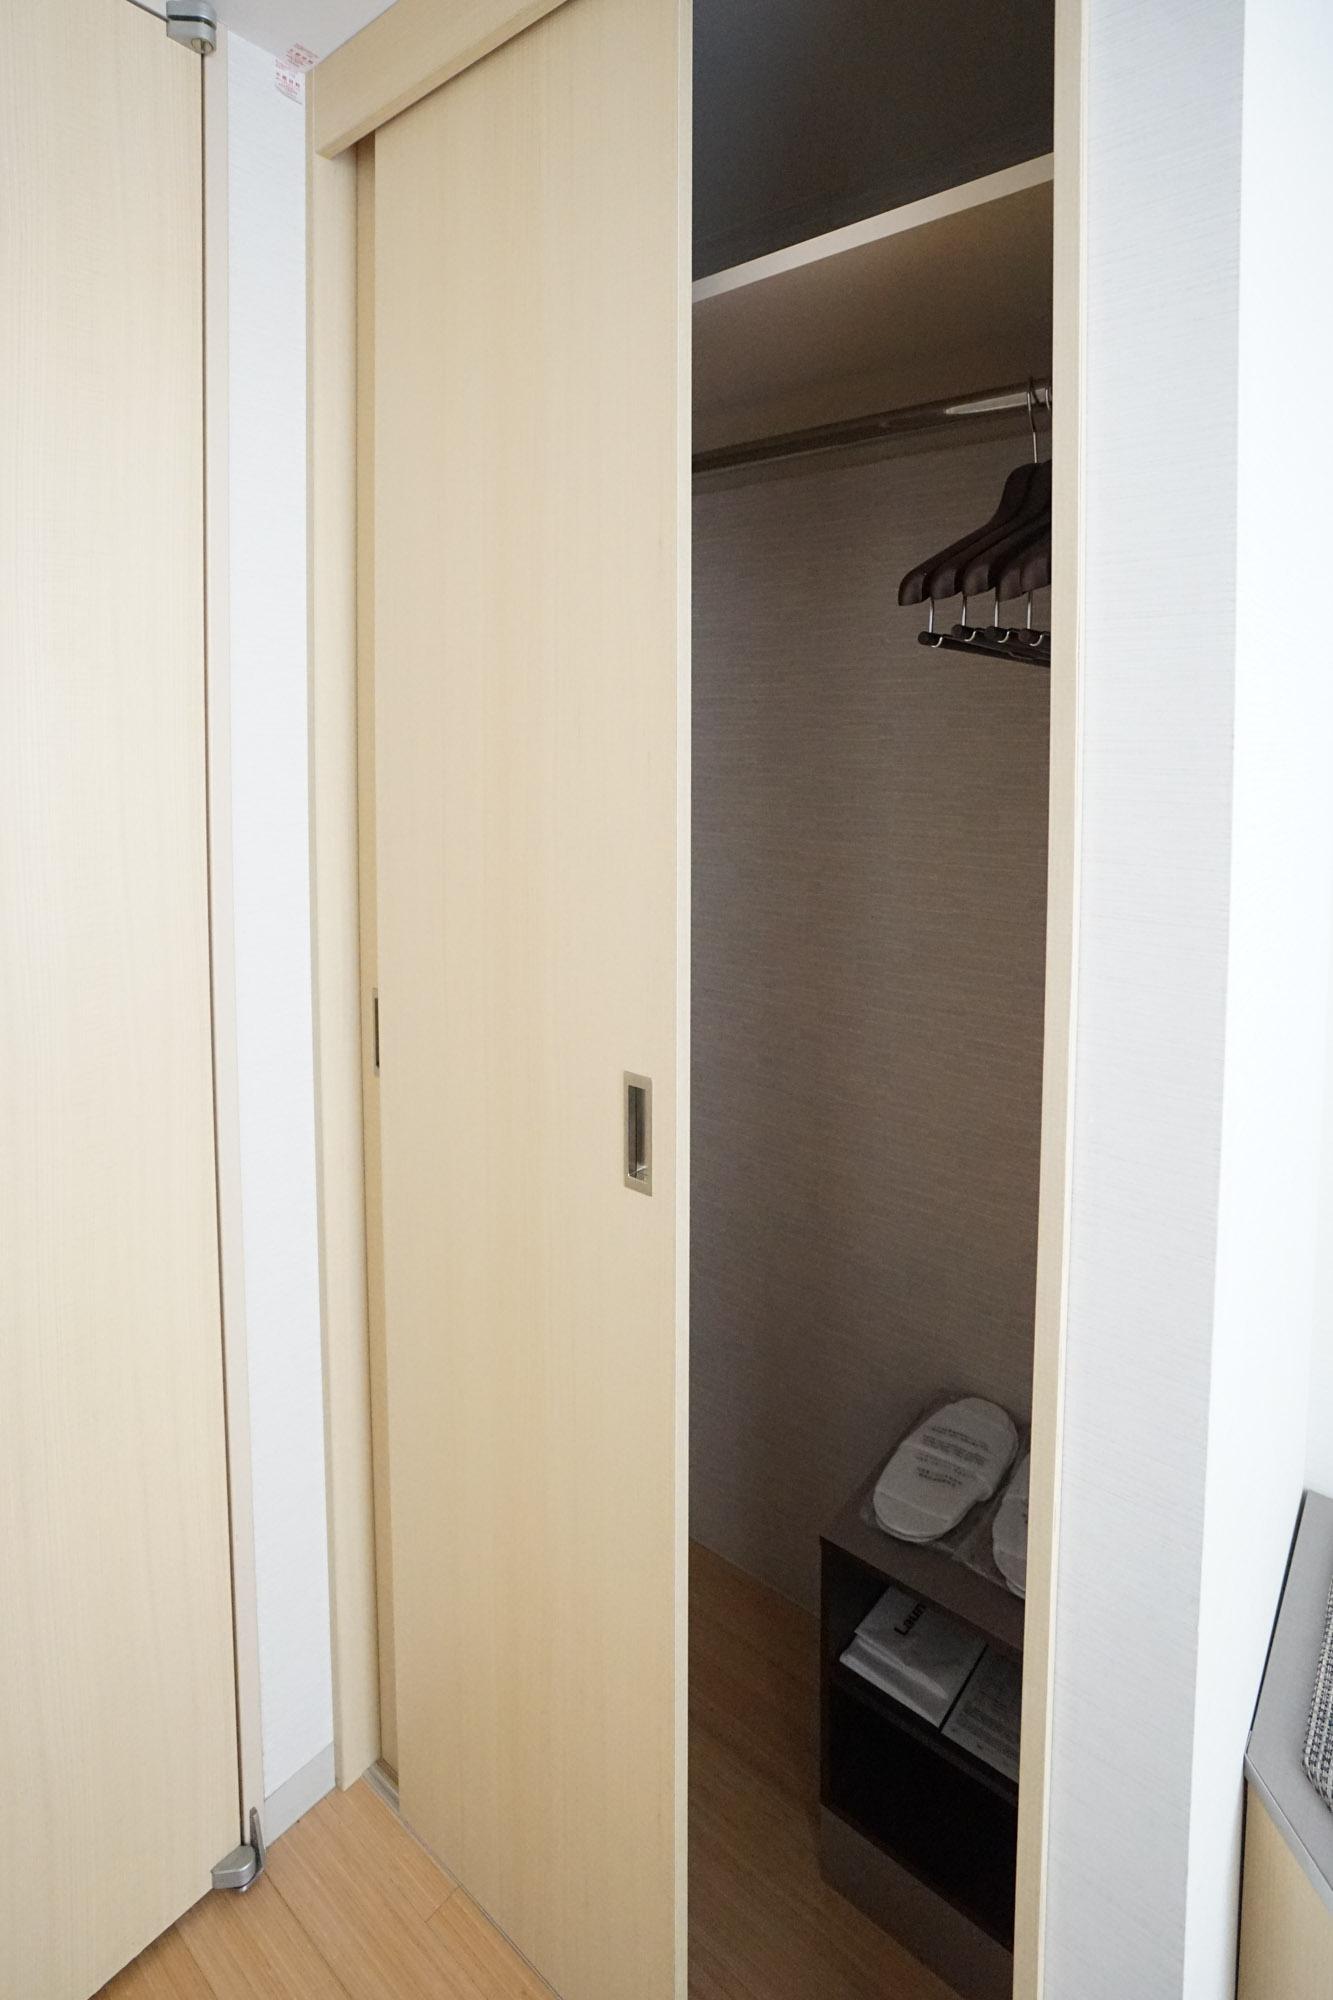 クローゼットは玄関ドア横のこちらに。